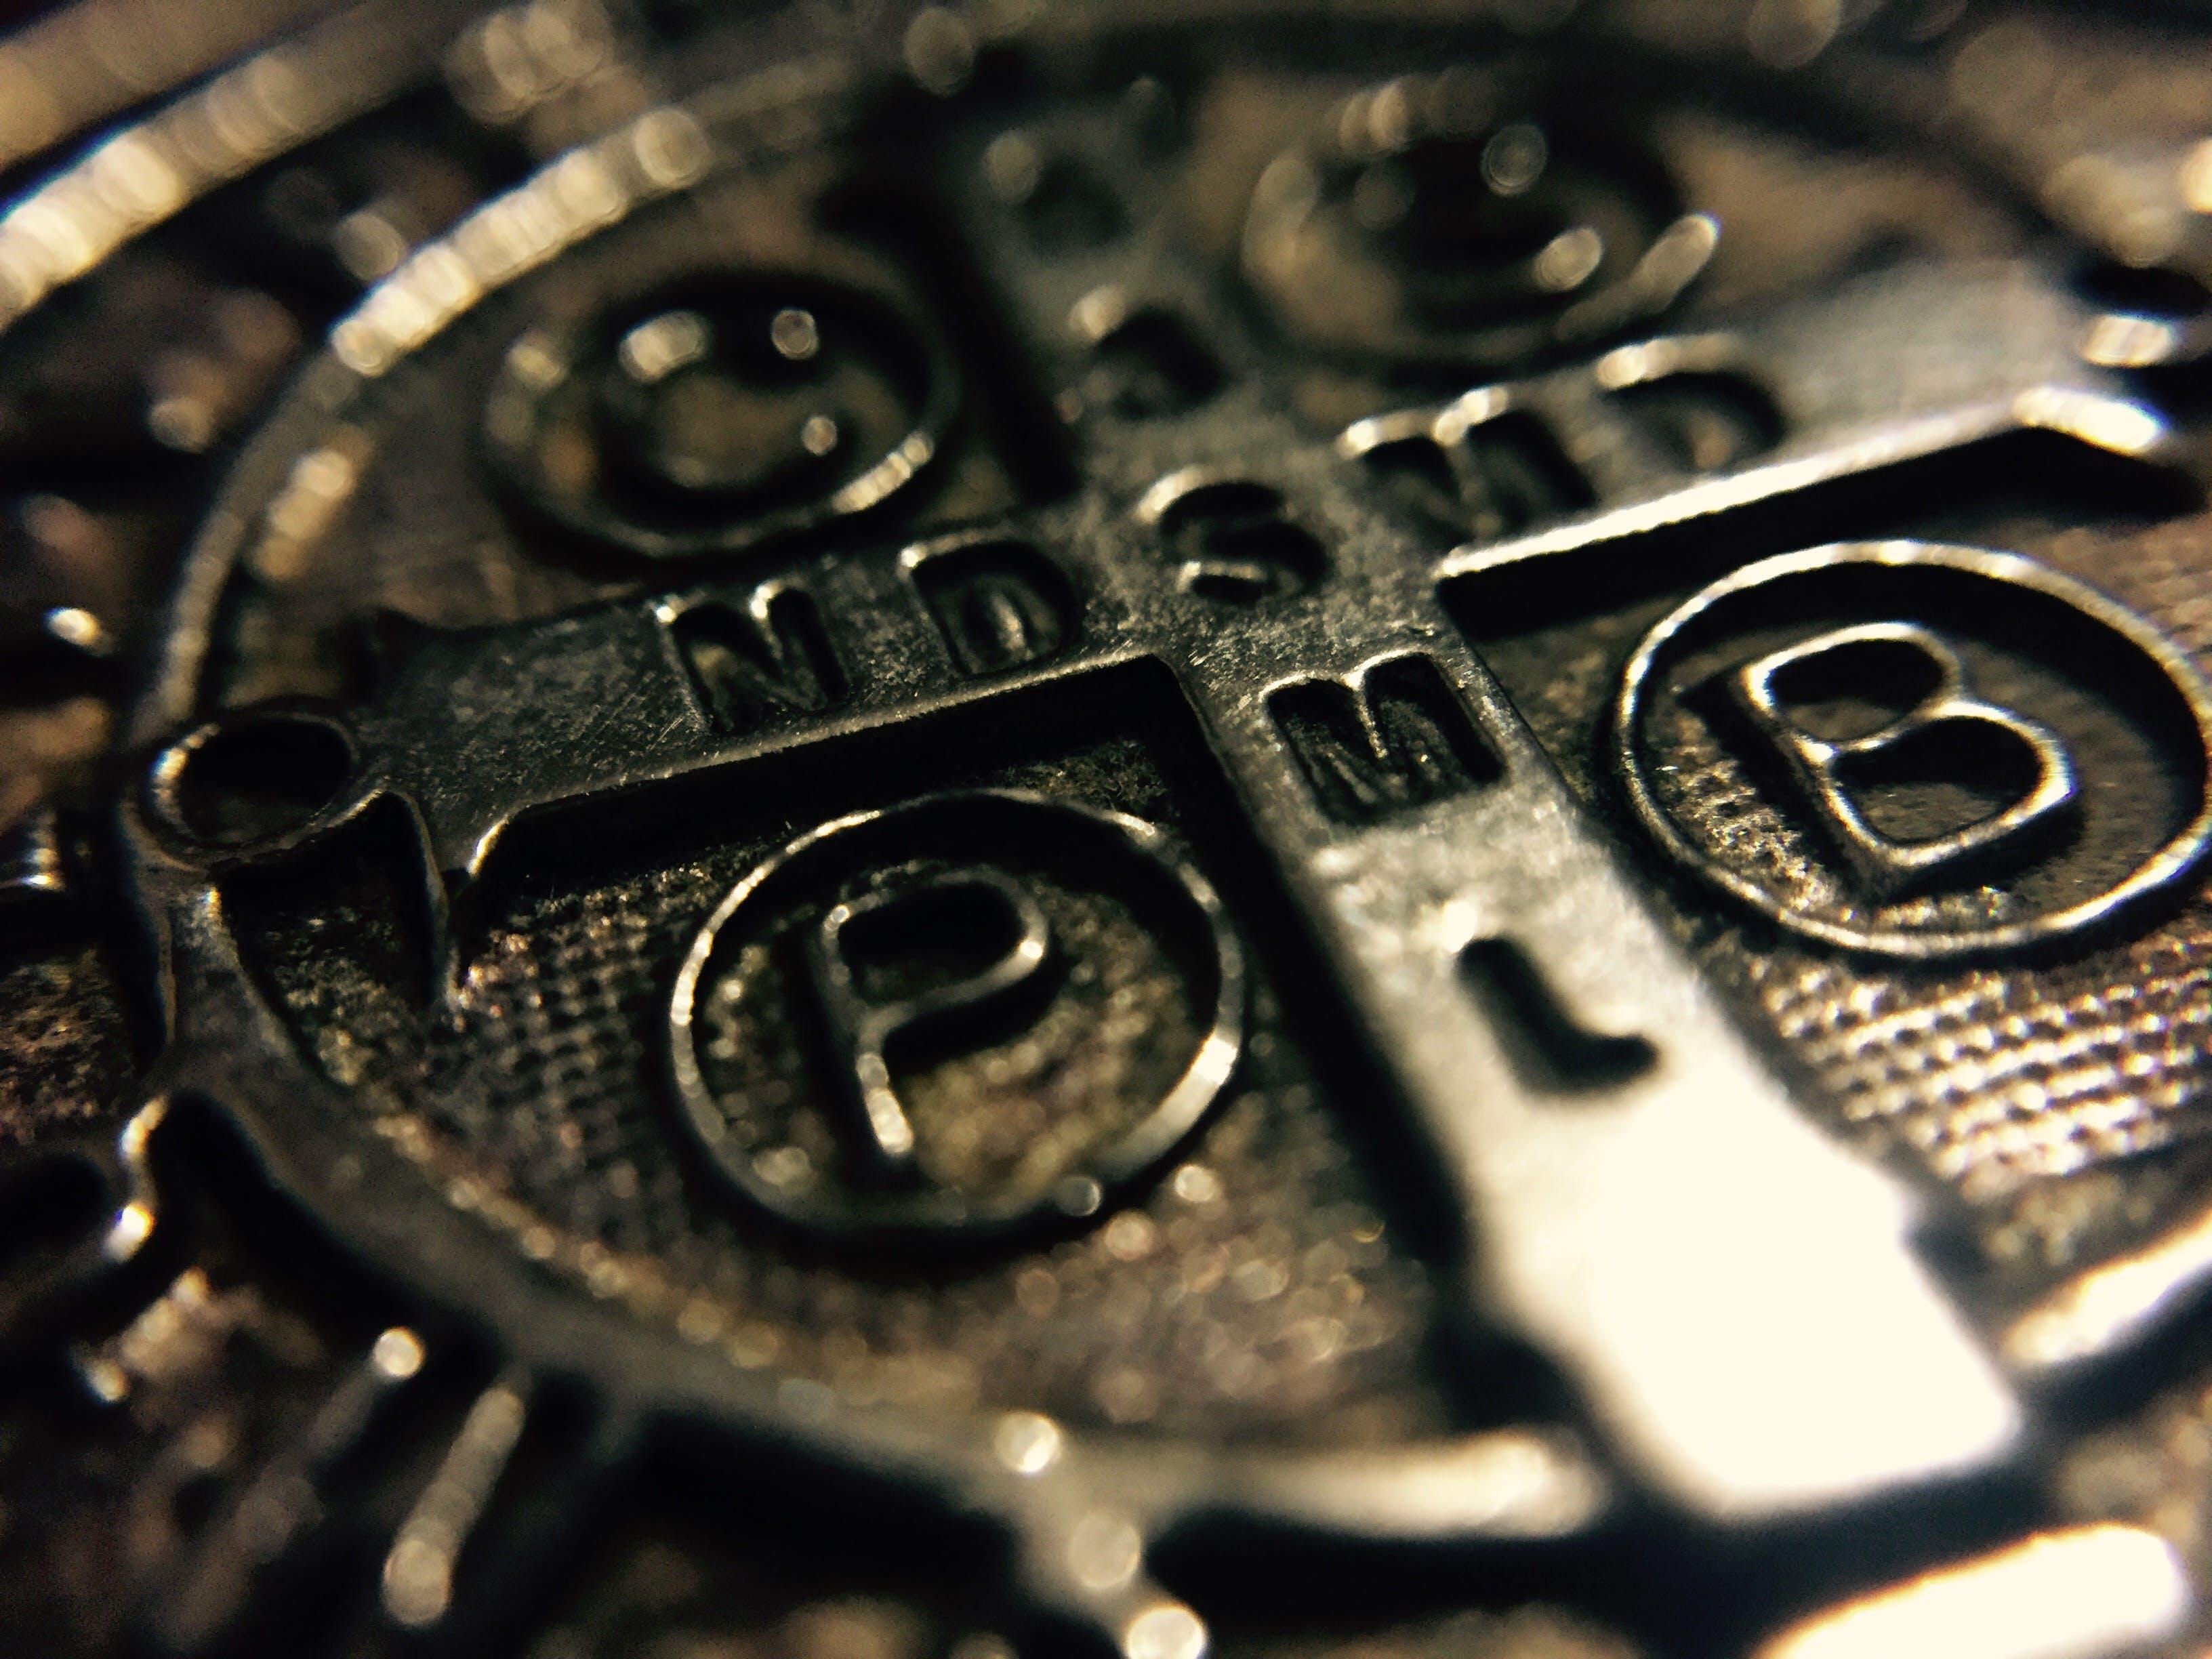 Free stock photo of metal, chrome, religion, steel